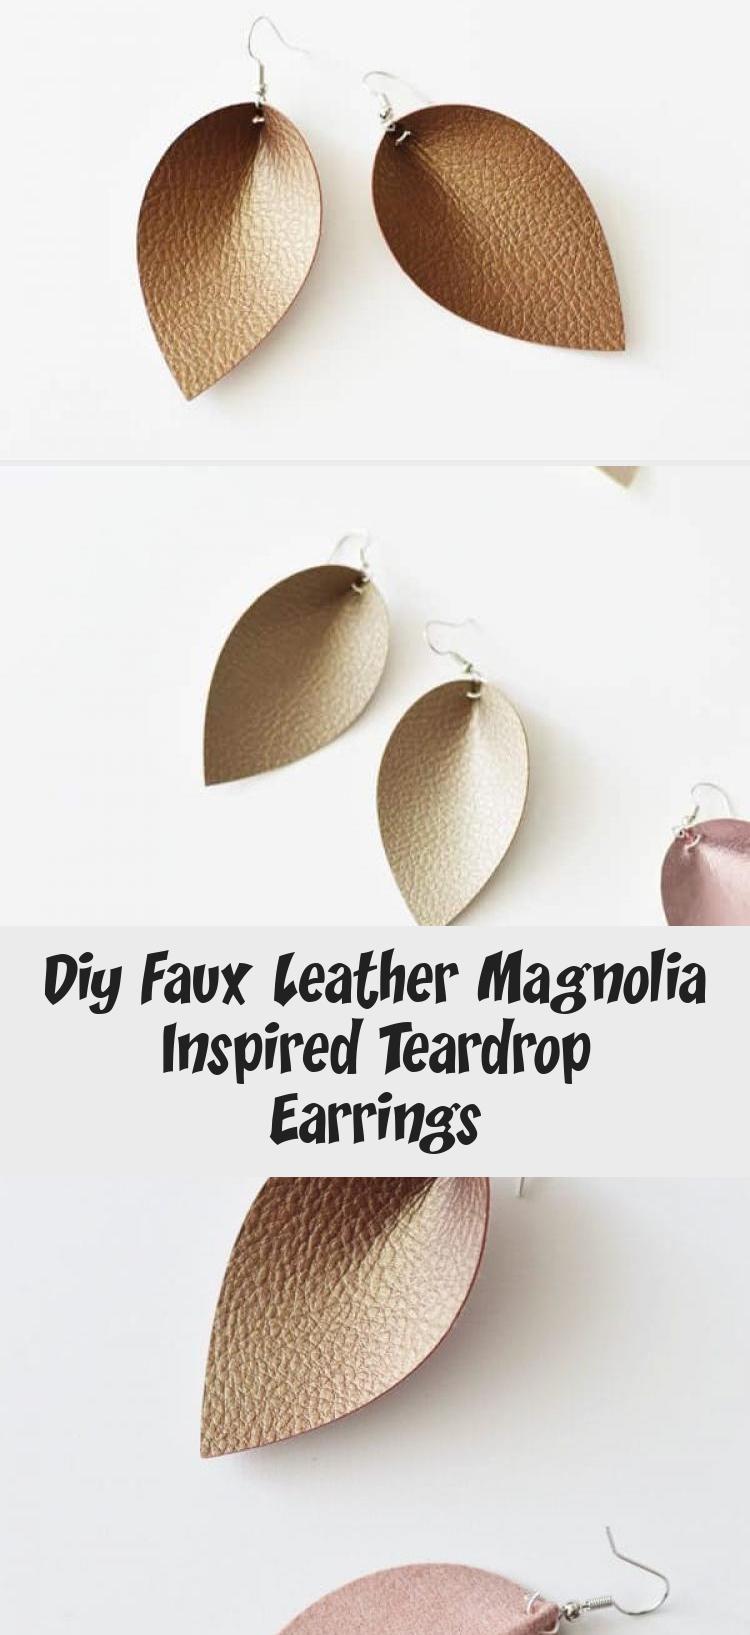 Photo of Diy Faux Leather Magnolia Inspired Teardrop Earrings – Jewelrys